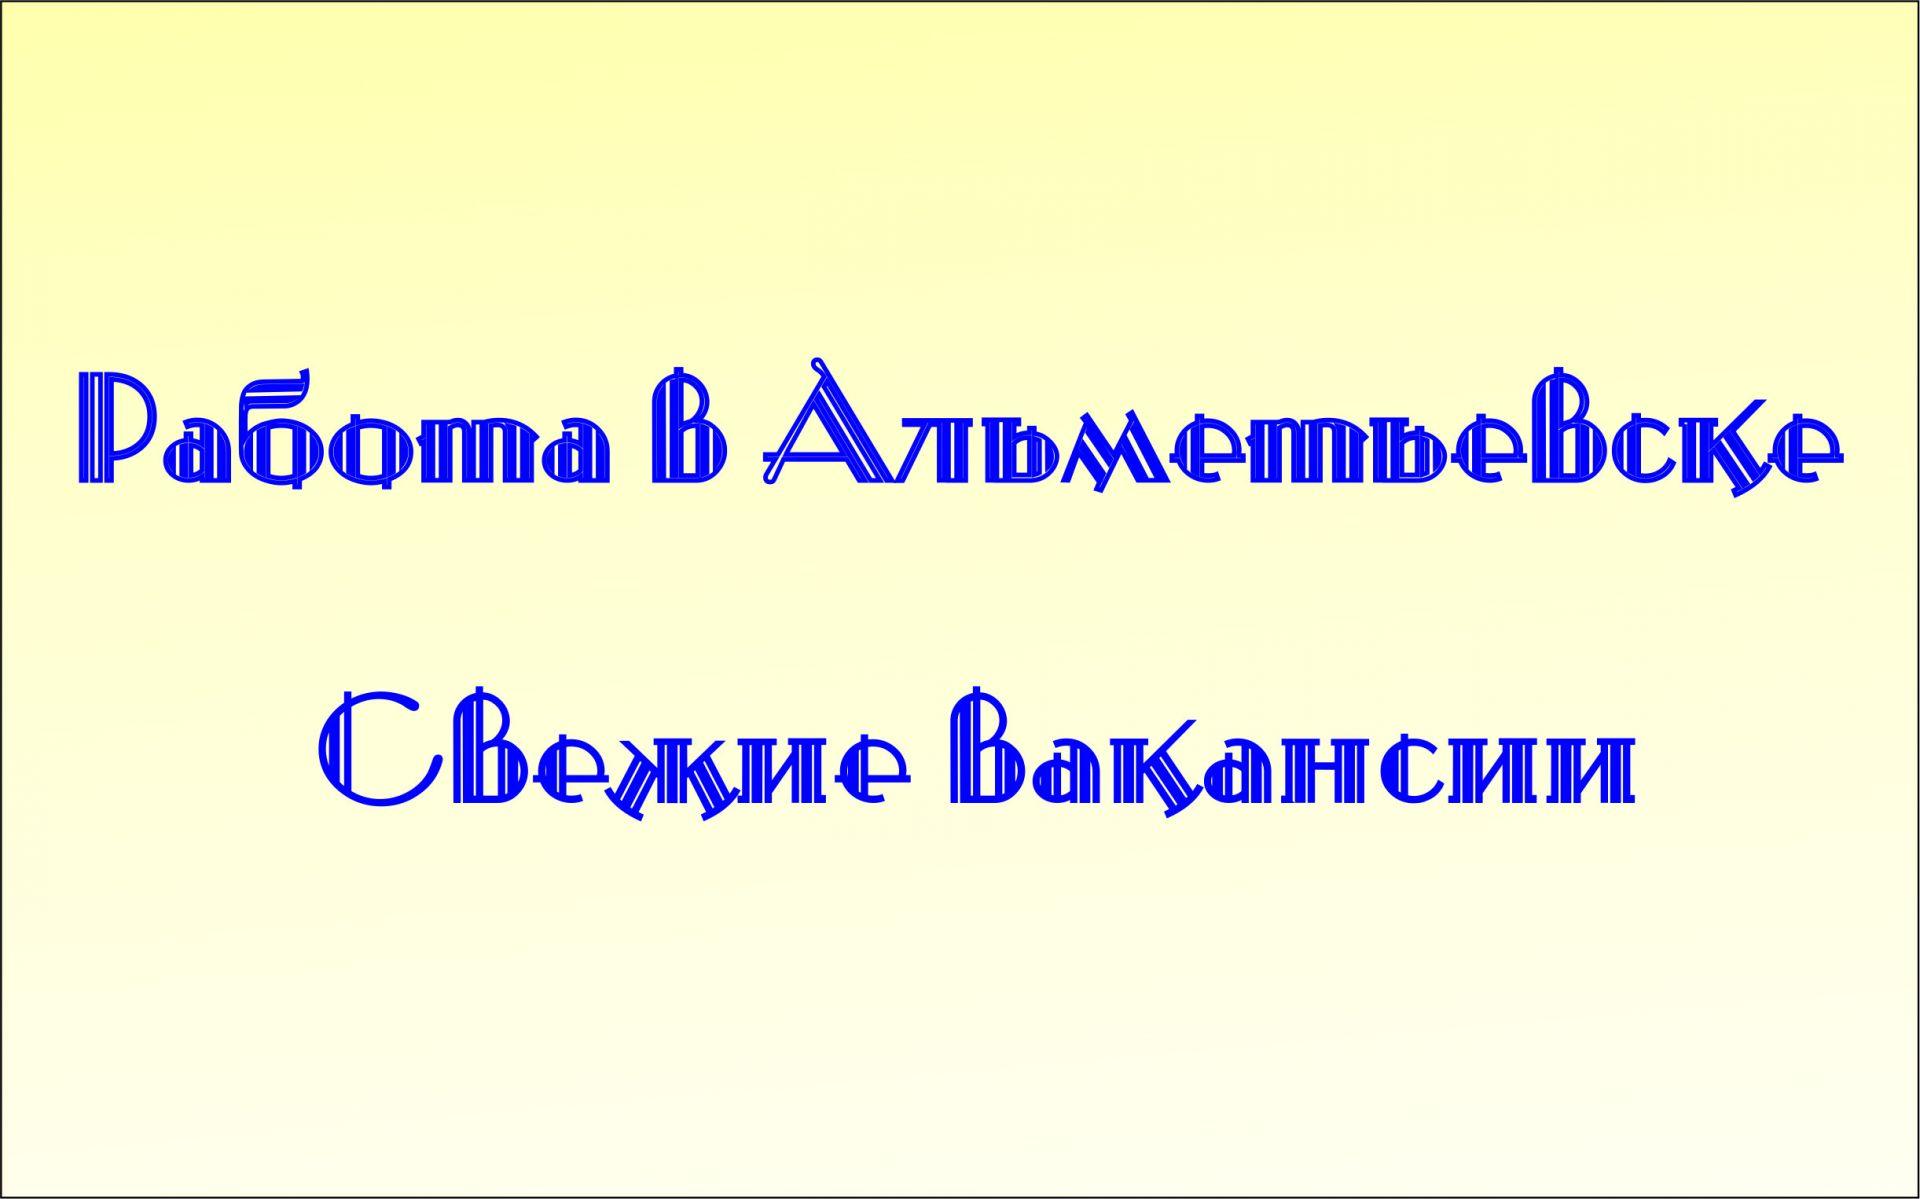 trebovaniya-k-rabotnikam-specz-organizaczij-neposredstvenno-vypolnyayushhih-raboty-po-montazhu-demontazhu-naladke-libo-remontu-ili-rekonstrukczii-modernizaczii-oborudovaniya-pod-davleniem-2